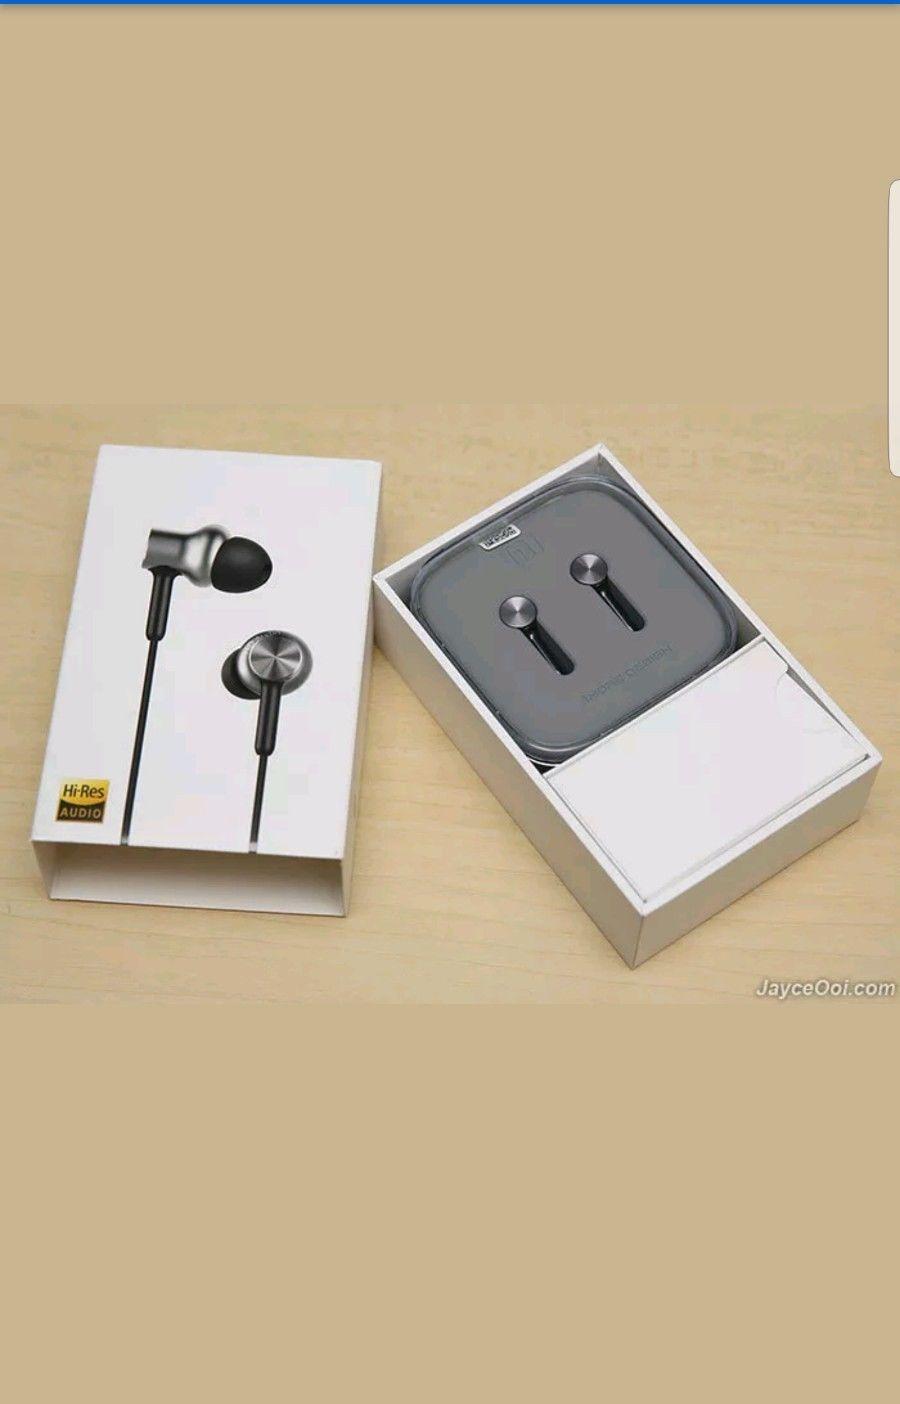 vardaanmart Xiaomi Mi Piston Earphone Redmi Note/mi 3/mi 4 V2.1- Piston